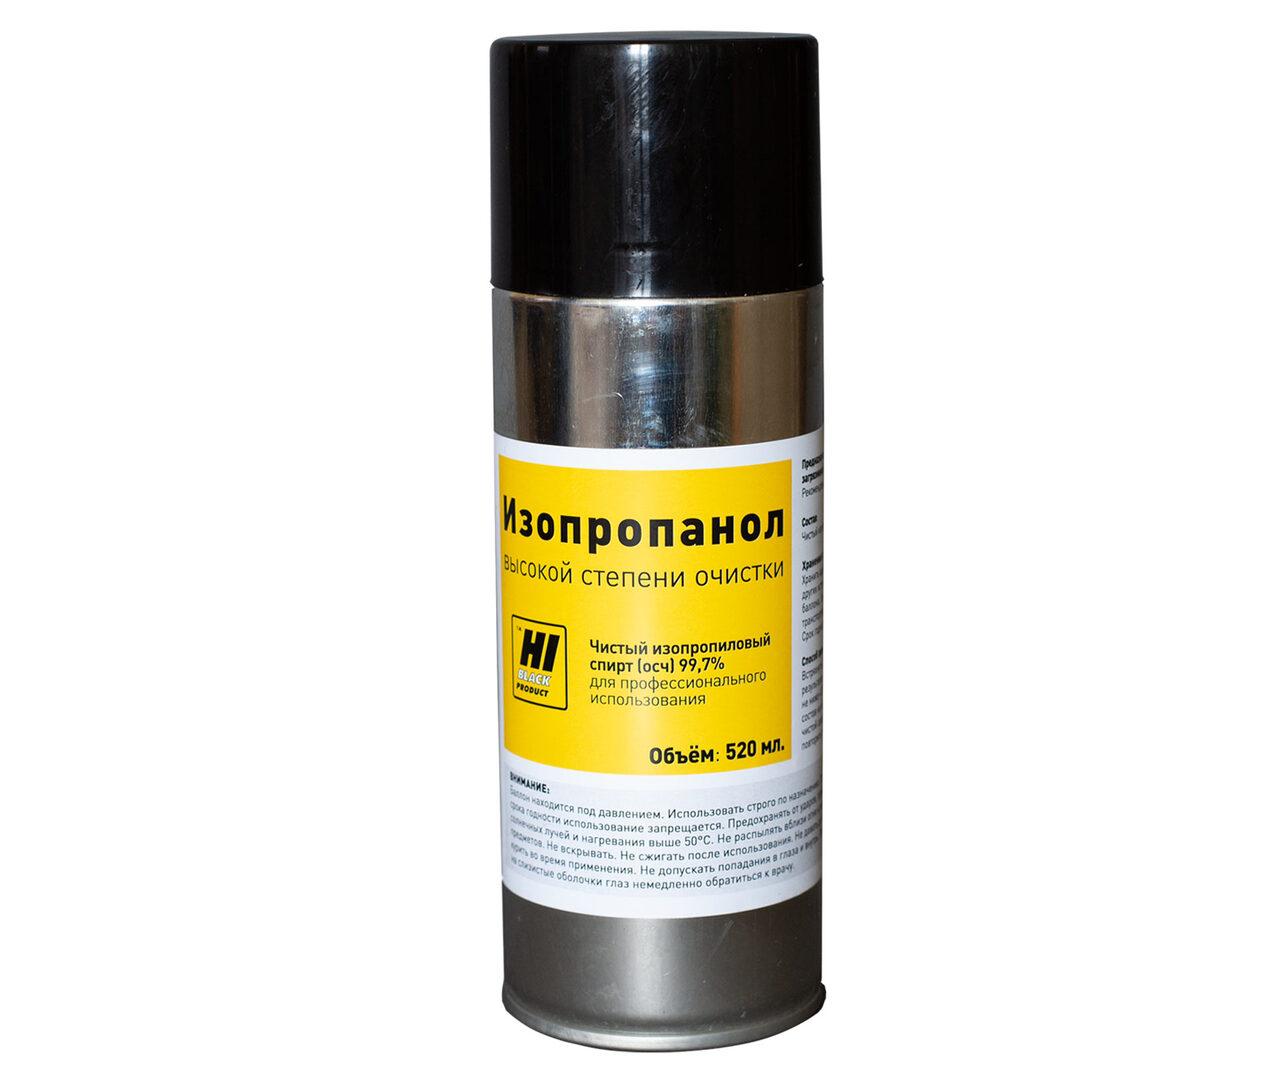 Изопропанол Hi-Black высокой степени очистки, 520 мл,аэрозоль